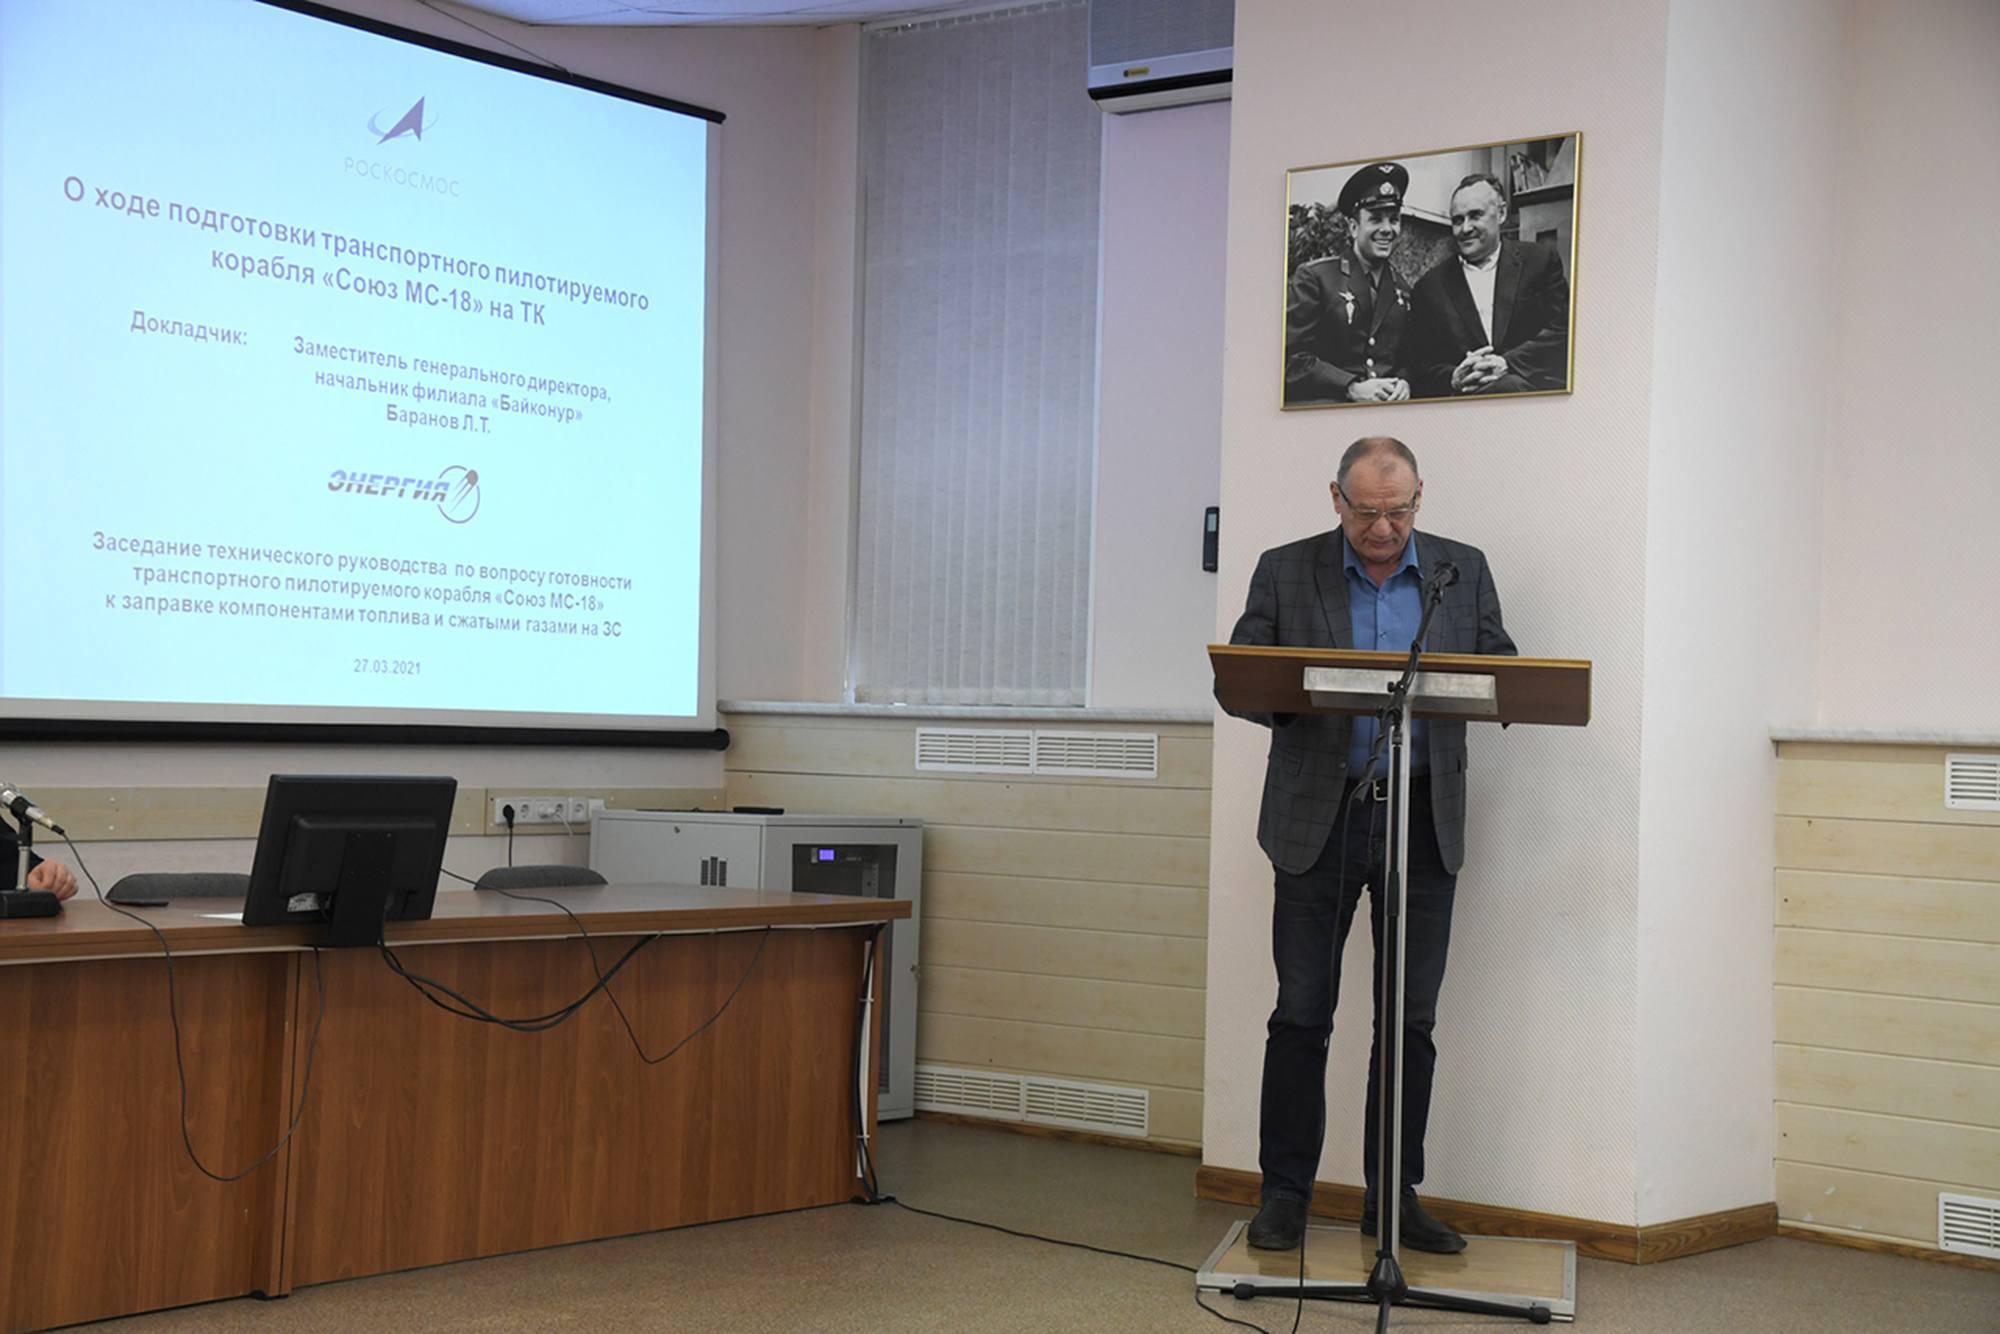 Intervention de Leonide Baranov (Energuya à Baïkonour) faisant le point sur l'état de préparation de vaisseau.